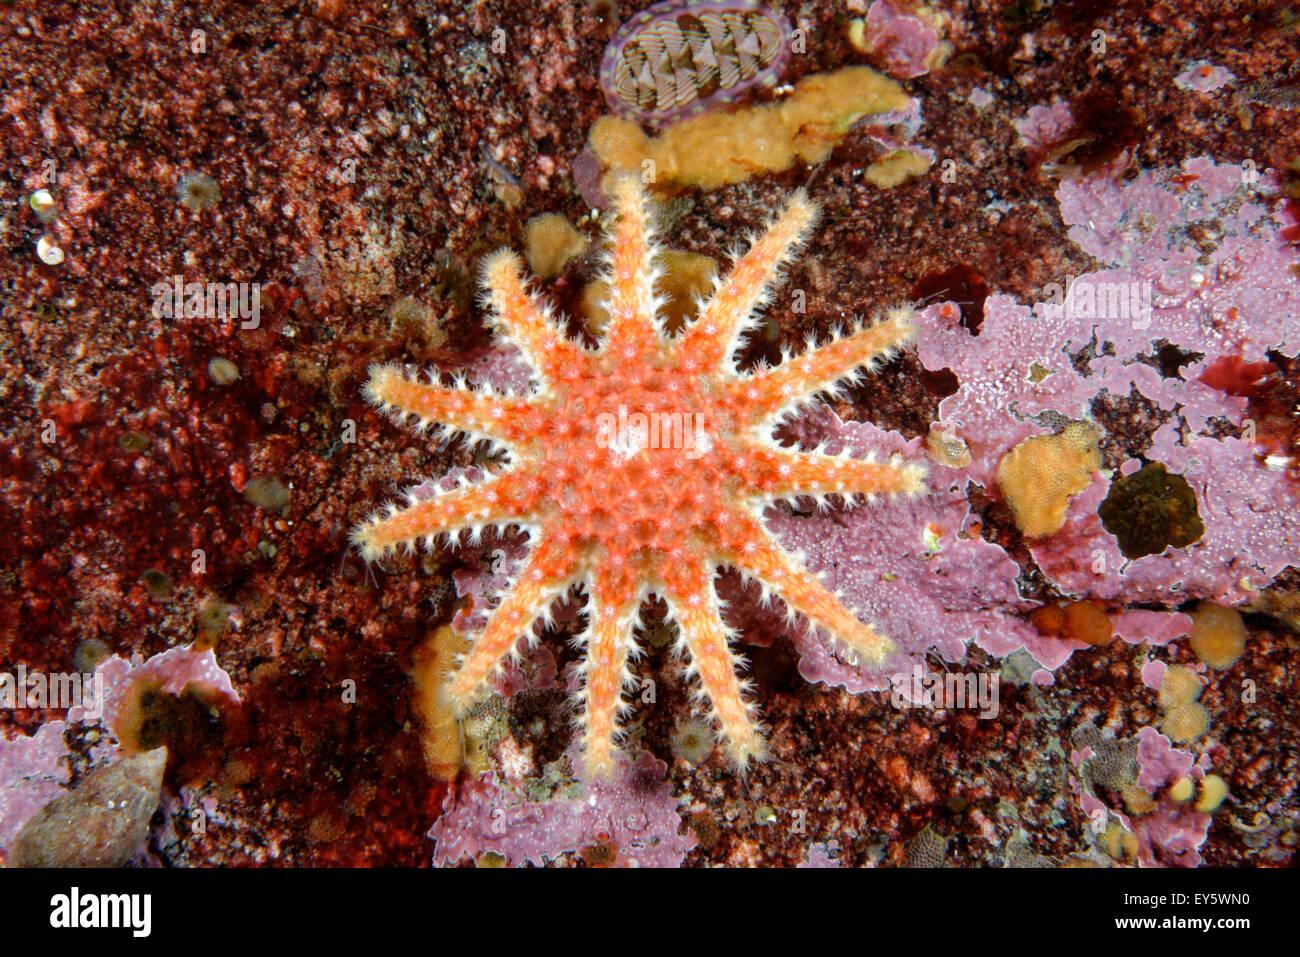 Spiny Sunstar on reef - Alaska Pacific Ocean - Stock Image